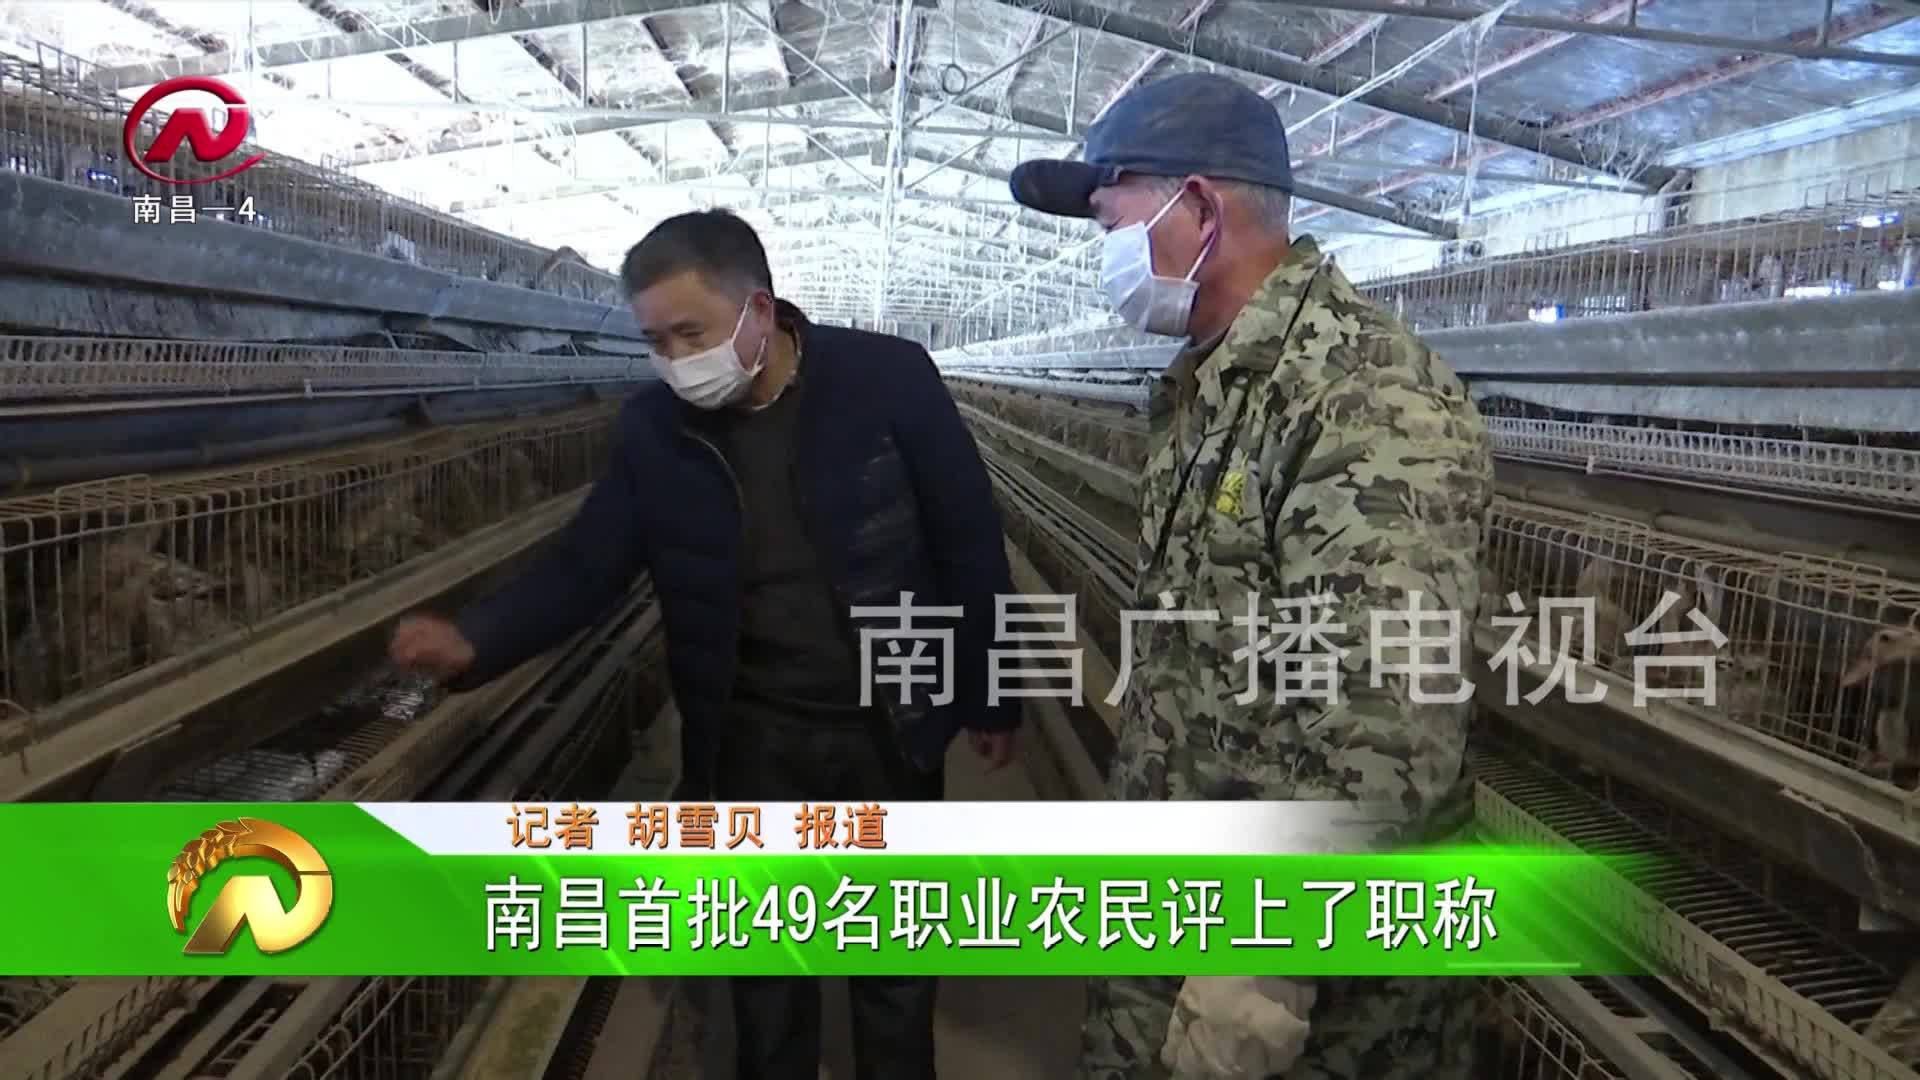 【豫章农视】南昌首批49名职业农民评上了职称